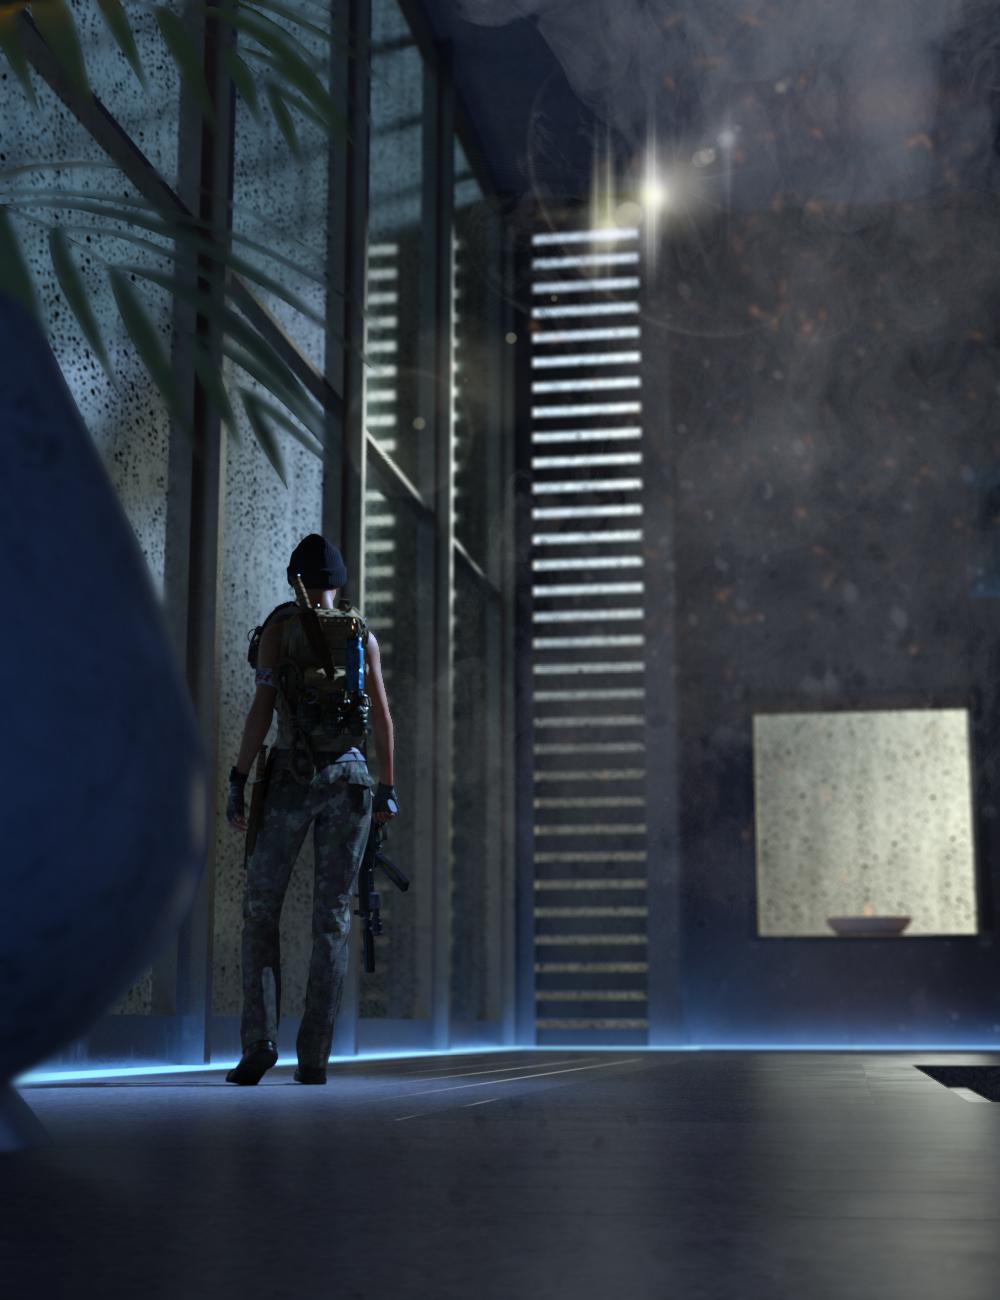 SciFi Room CyberPunk by: DarkEdgeDesign, 3D Models by Daz 3D